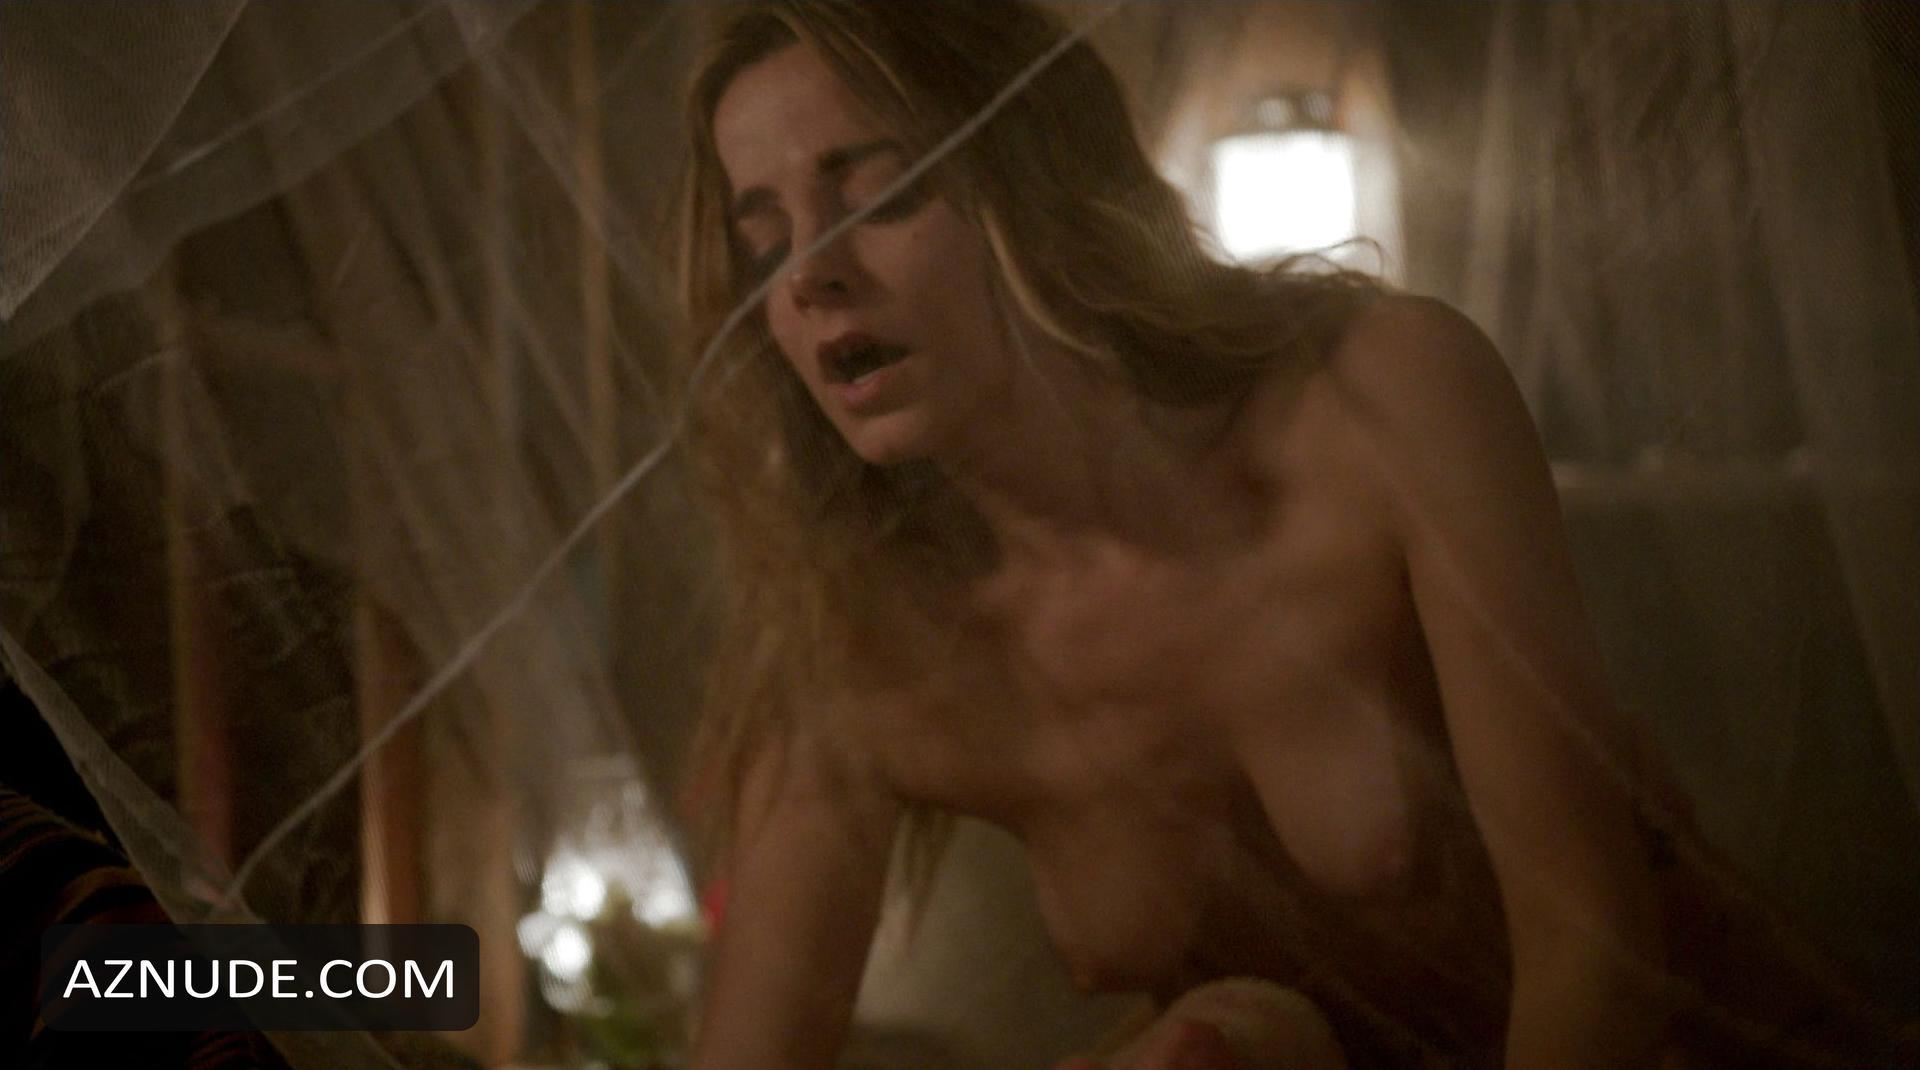 Bojana novakovic skinning sex scene no music